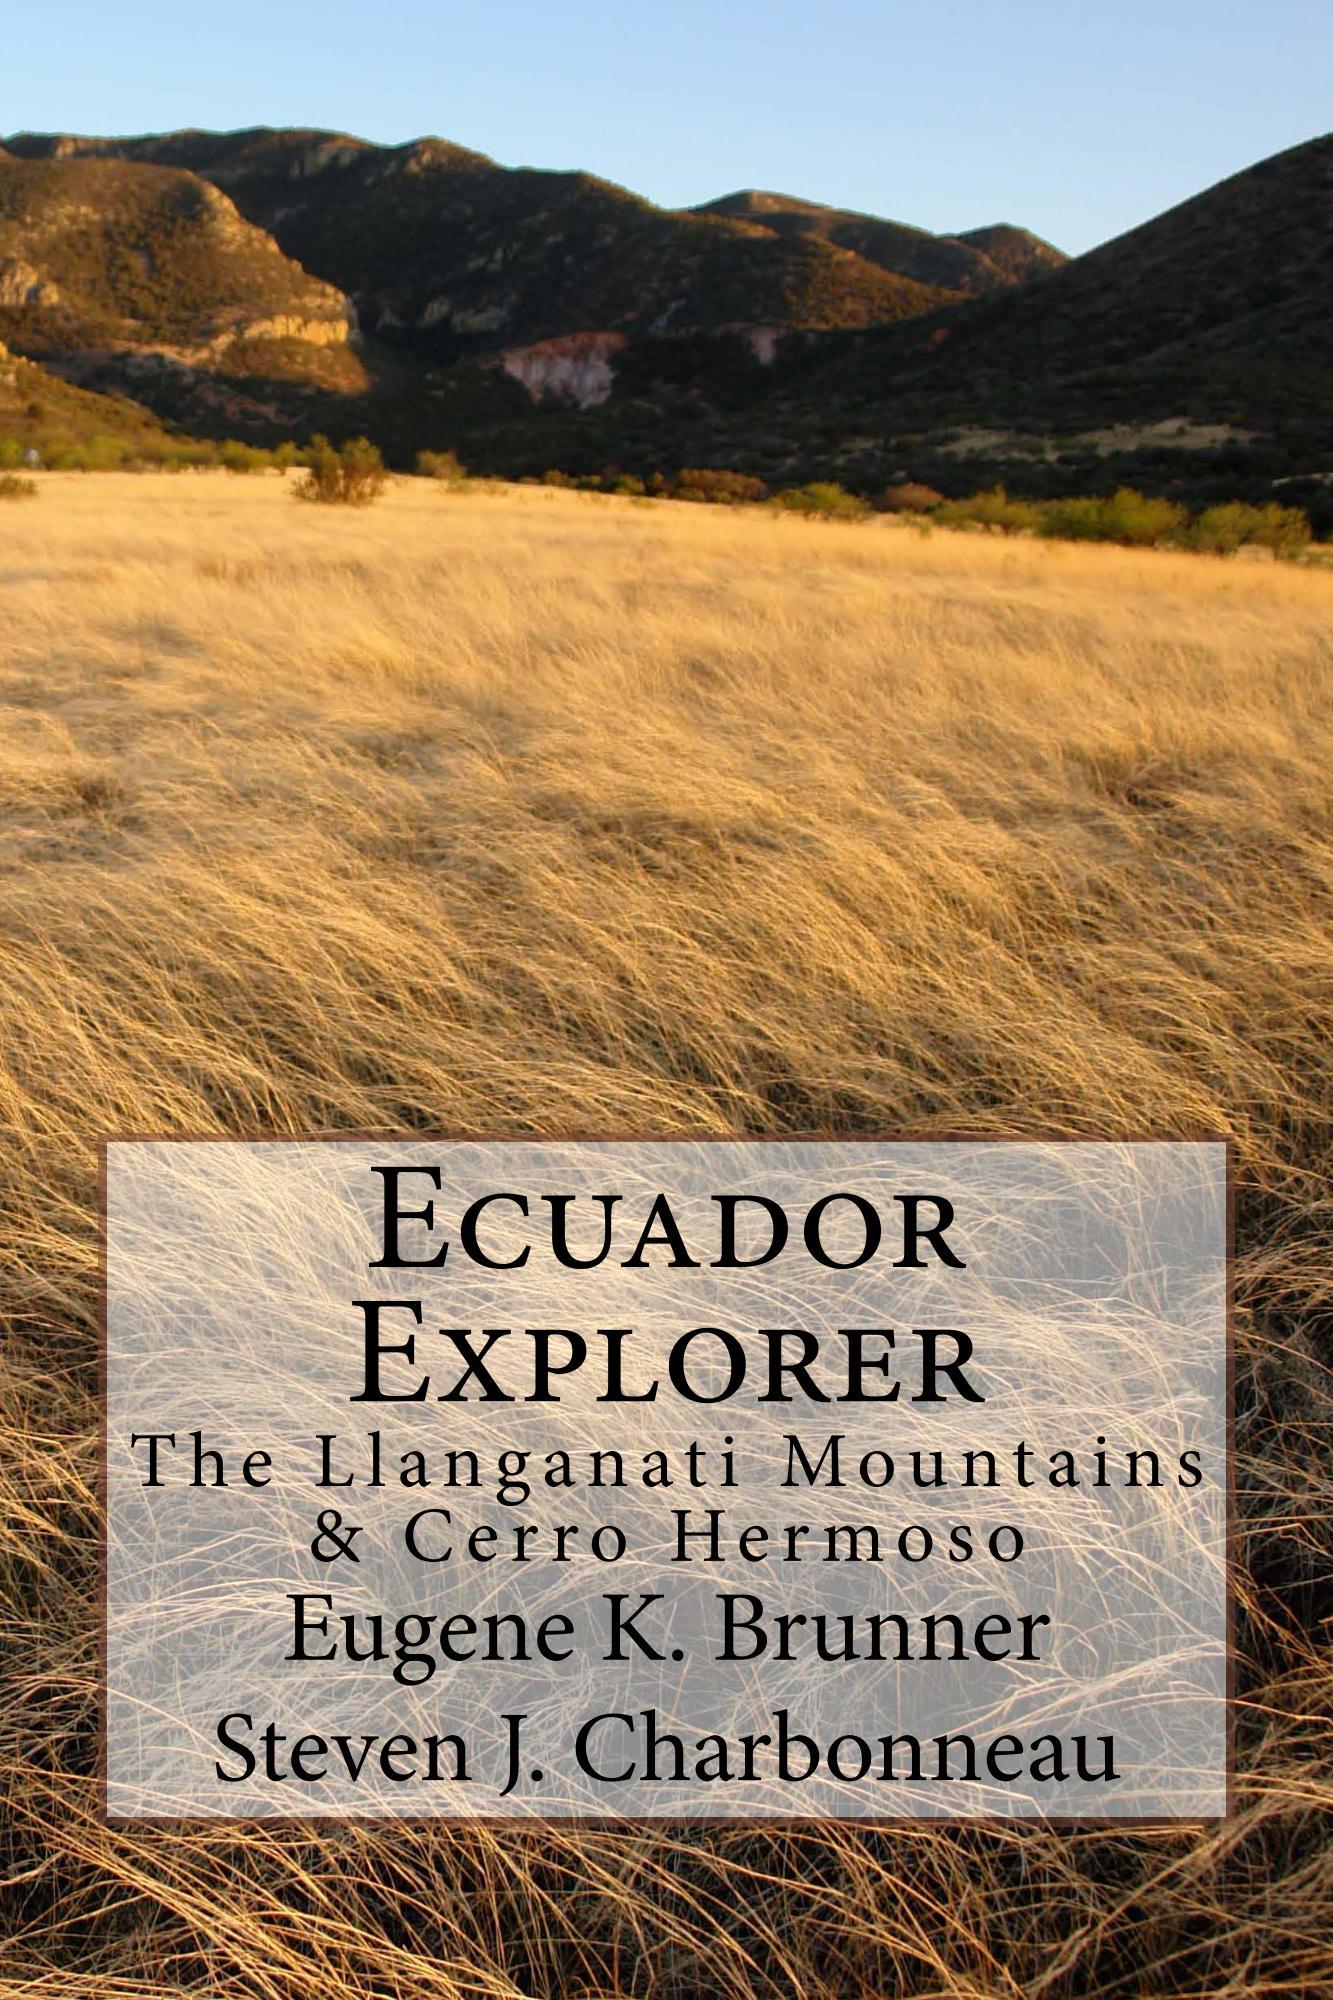 Eugene K Brunner - ECUADOR EXPLORER: The Llanganati Mountains & Cerro Hermoso